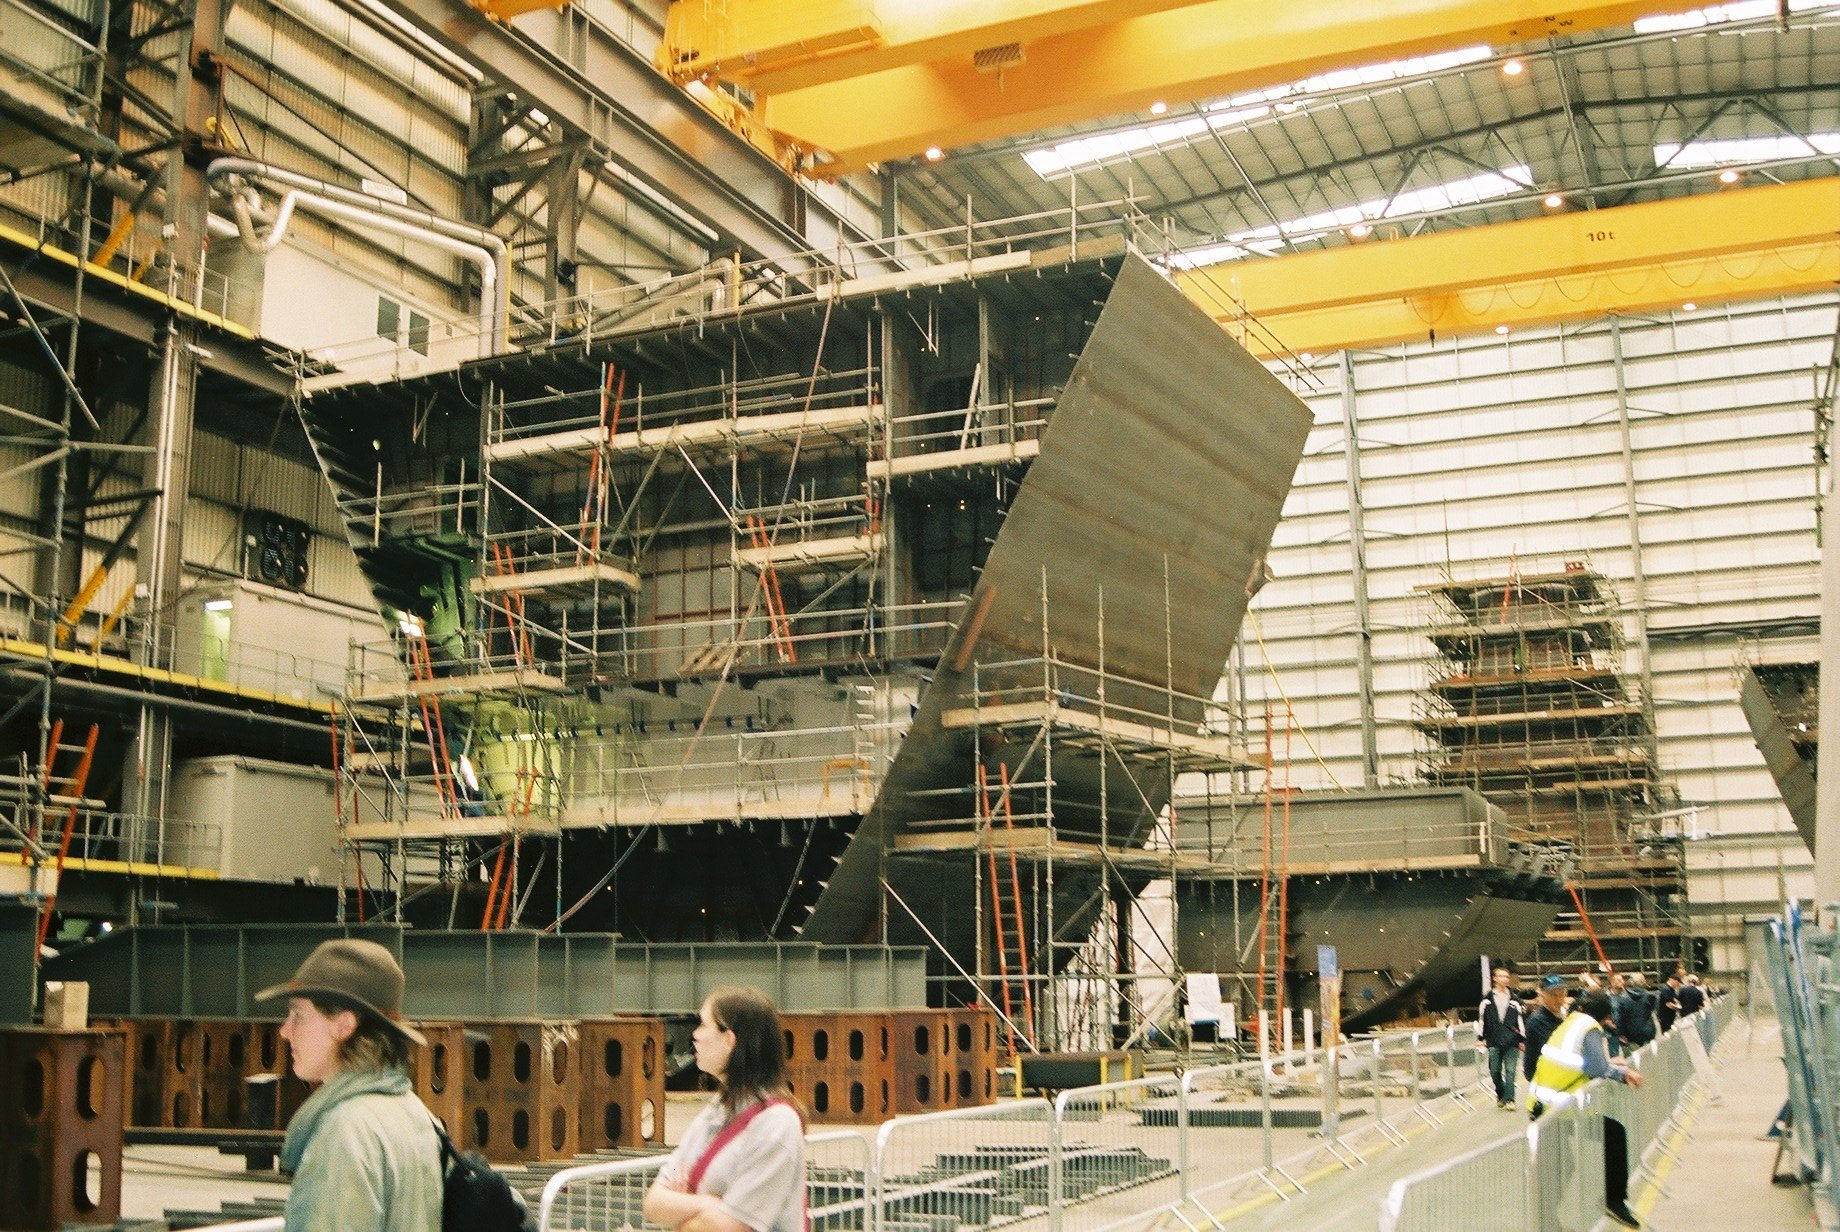 Building Materials Newport News